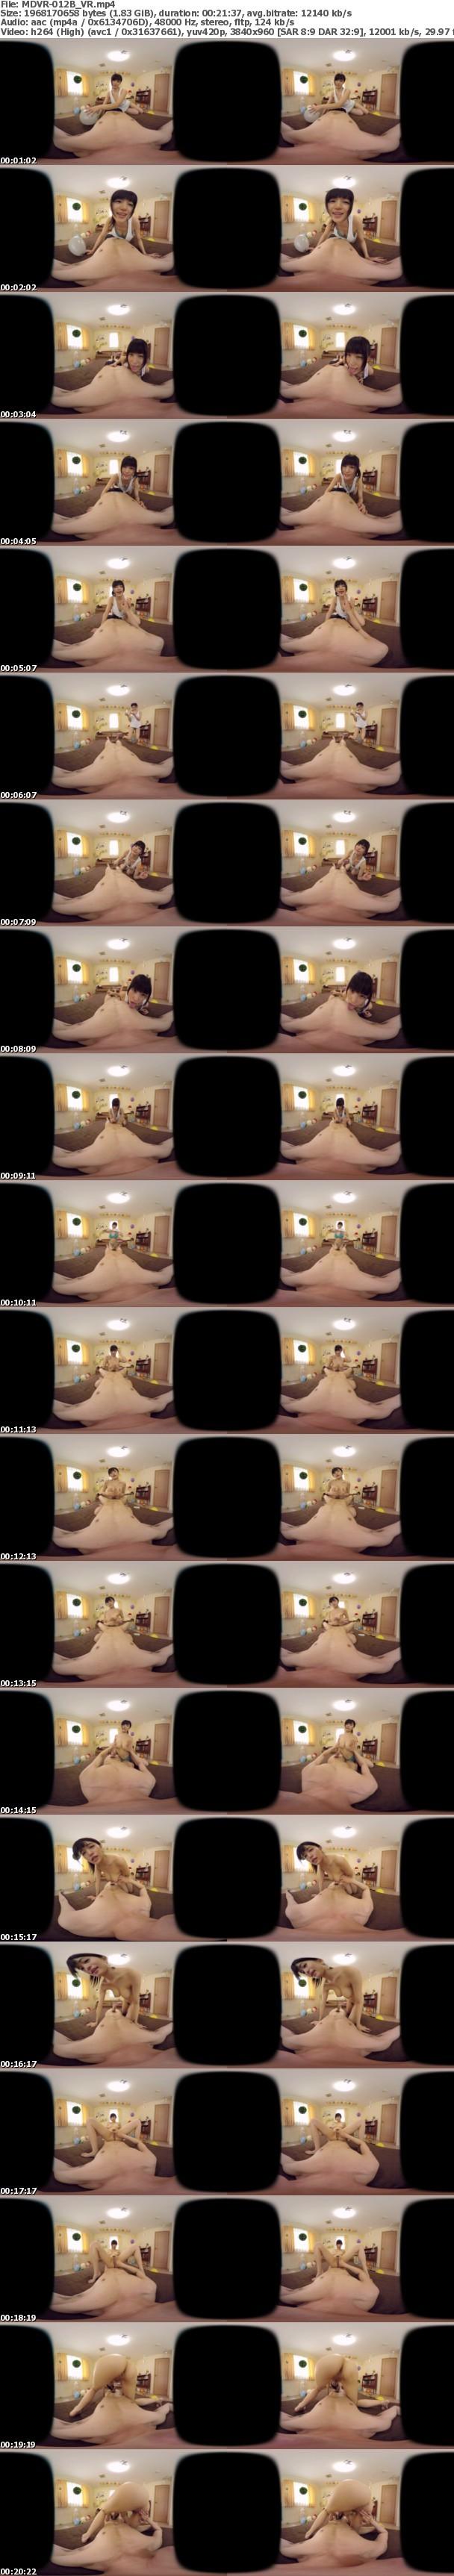 VR/3D MDVR-012 【VR】MOODYZ 長尺VR 高橋しょう子Gカップ本物グラドルとバーチャルSEX体験!! 高橋しょう子